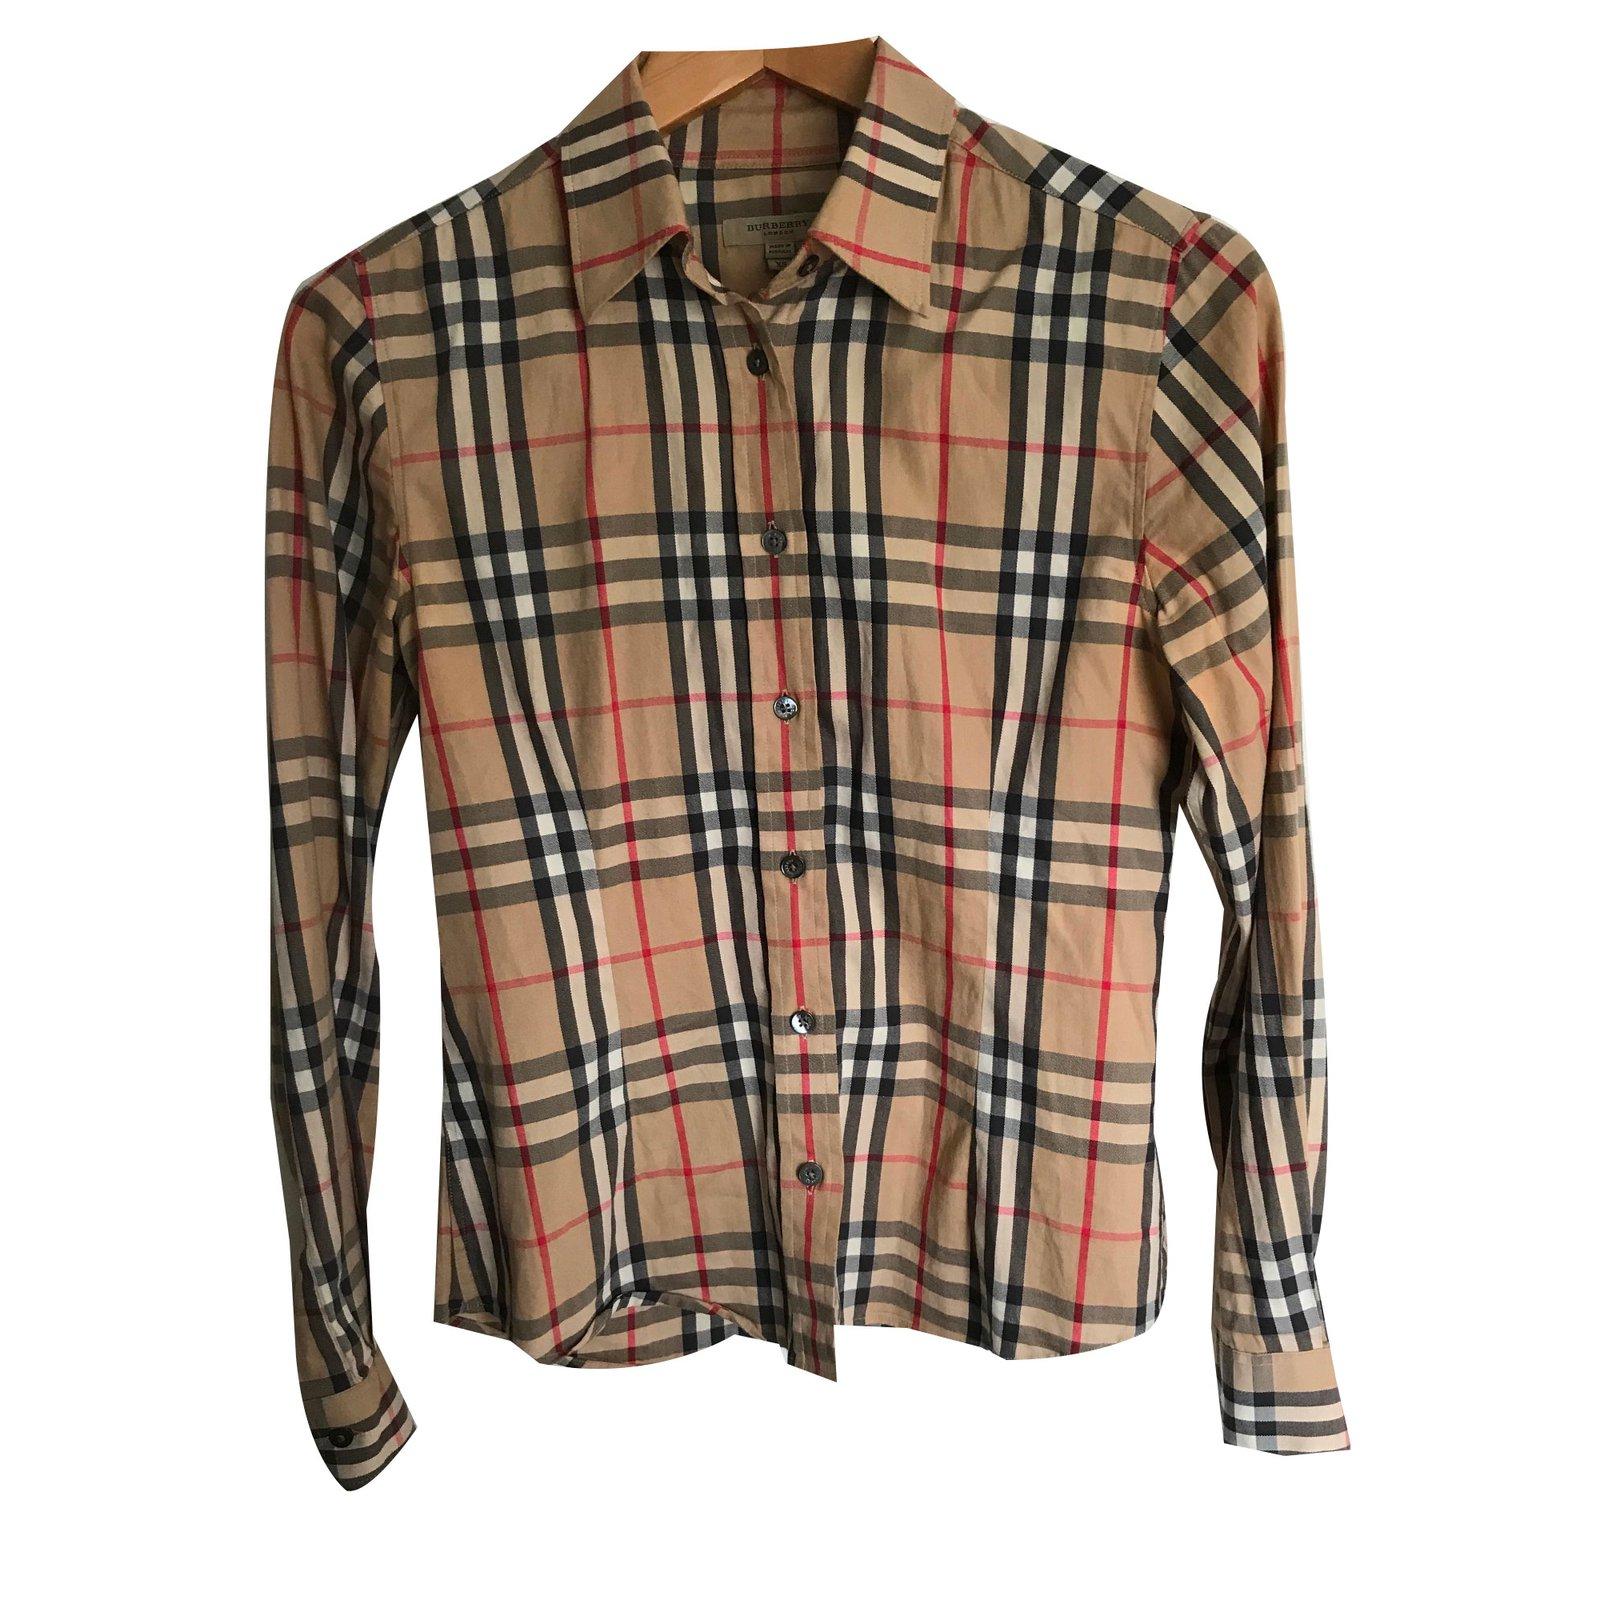 Tops Burberry Chemise Coton Multicolore ref.69051 - Joli Closet 58098a1b4d02